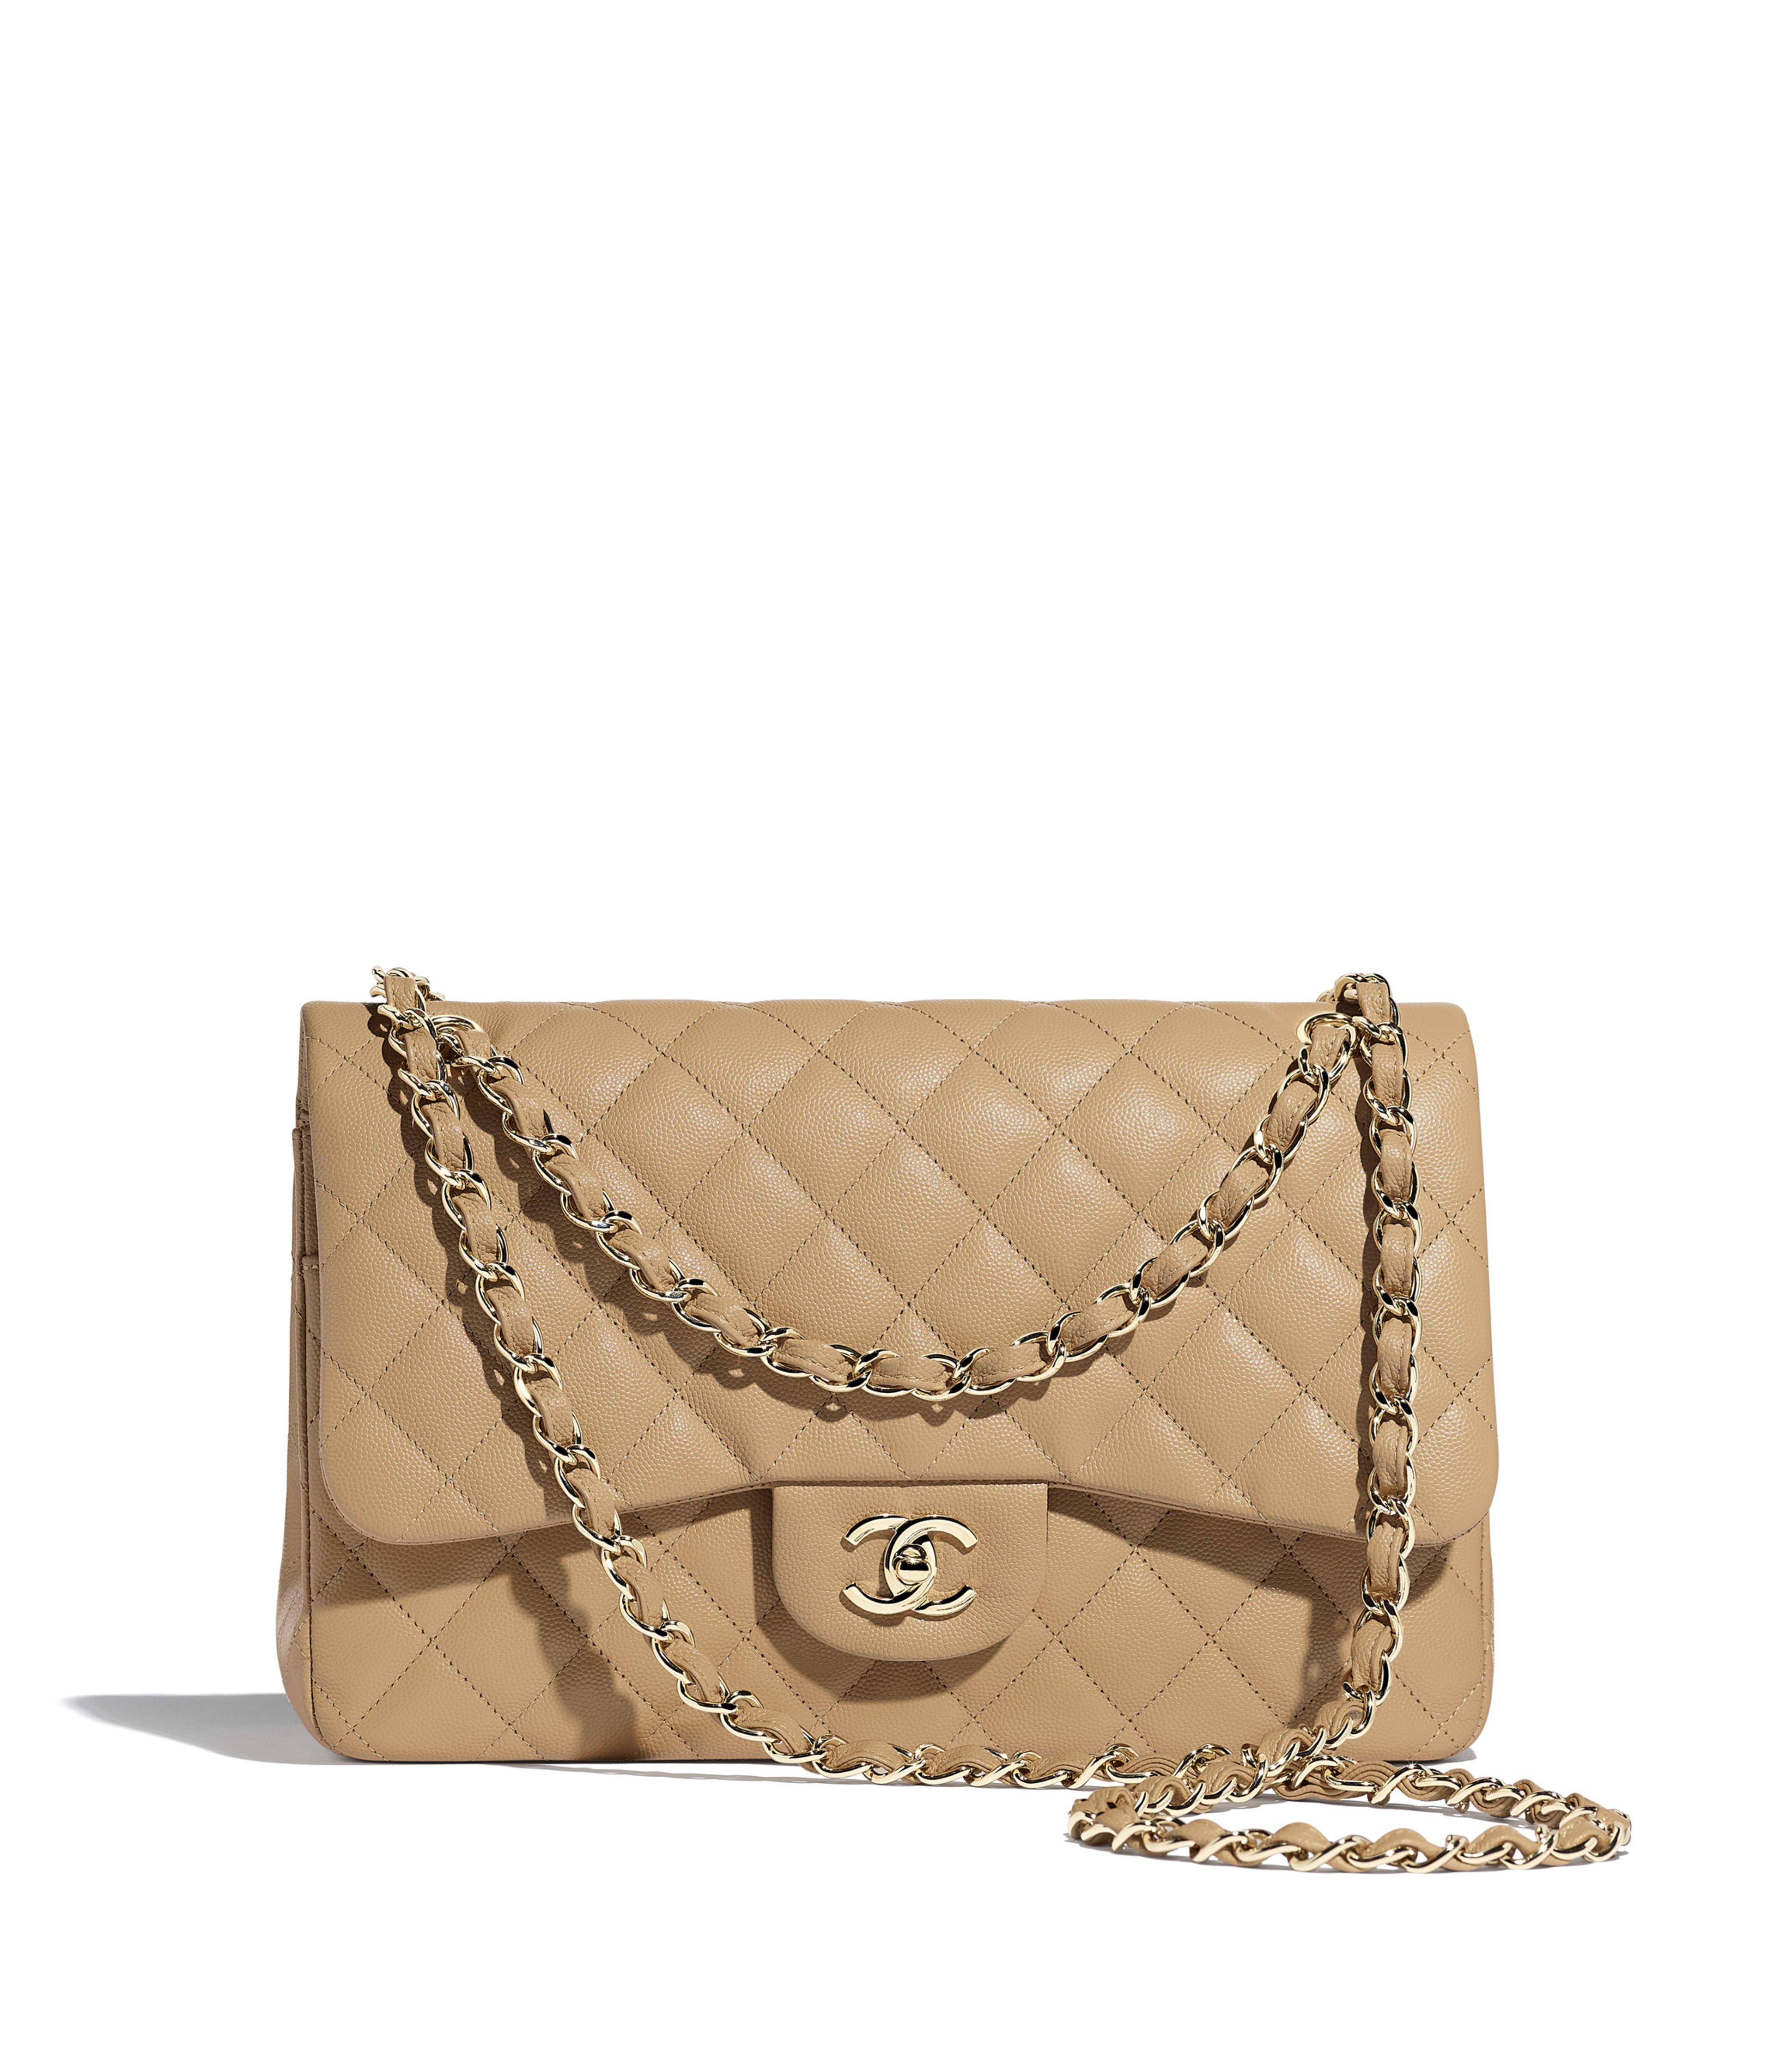 Classique Handbags Chanel